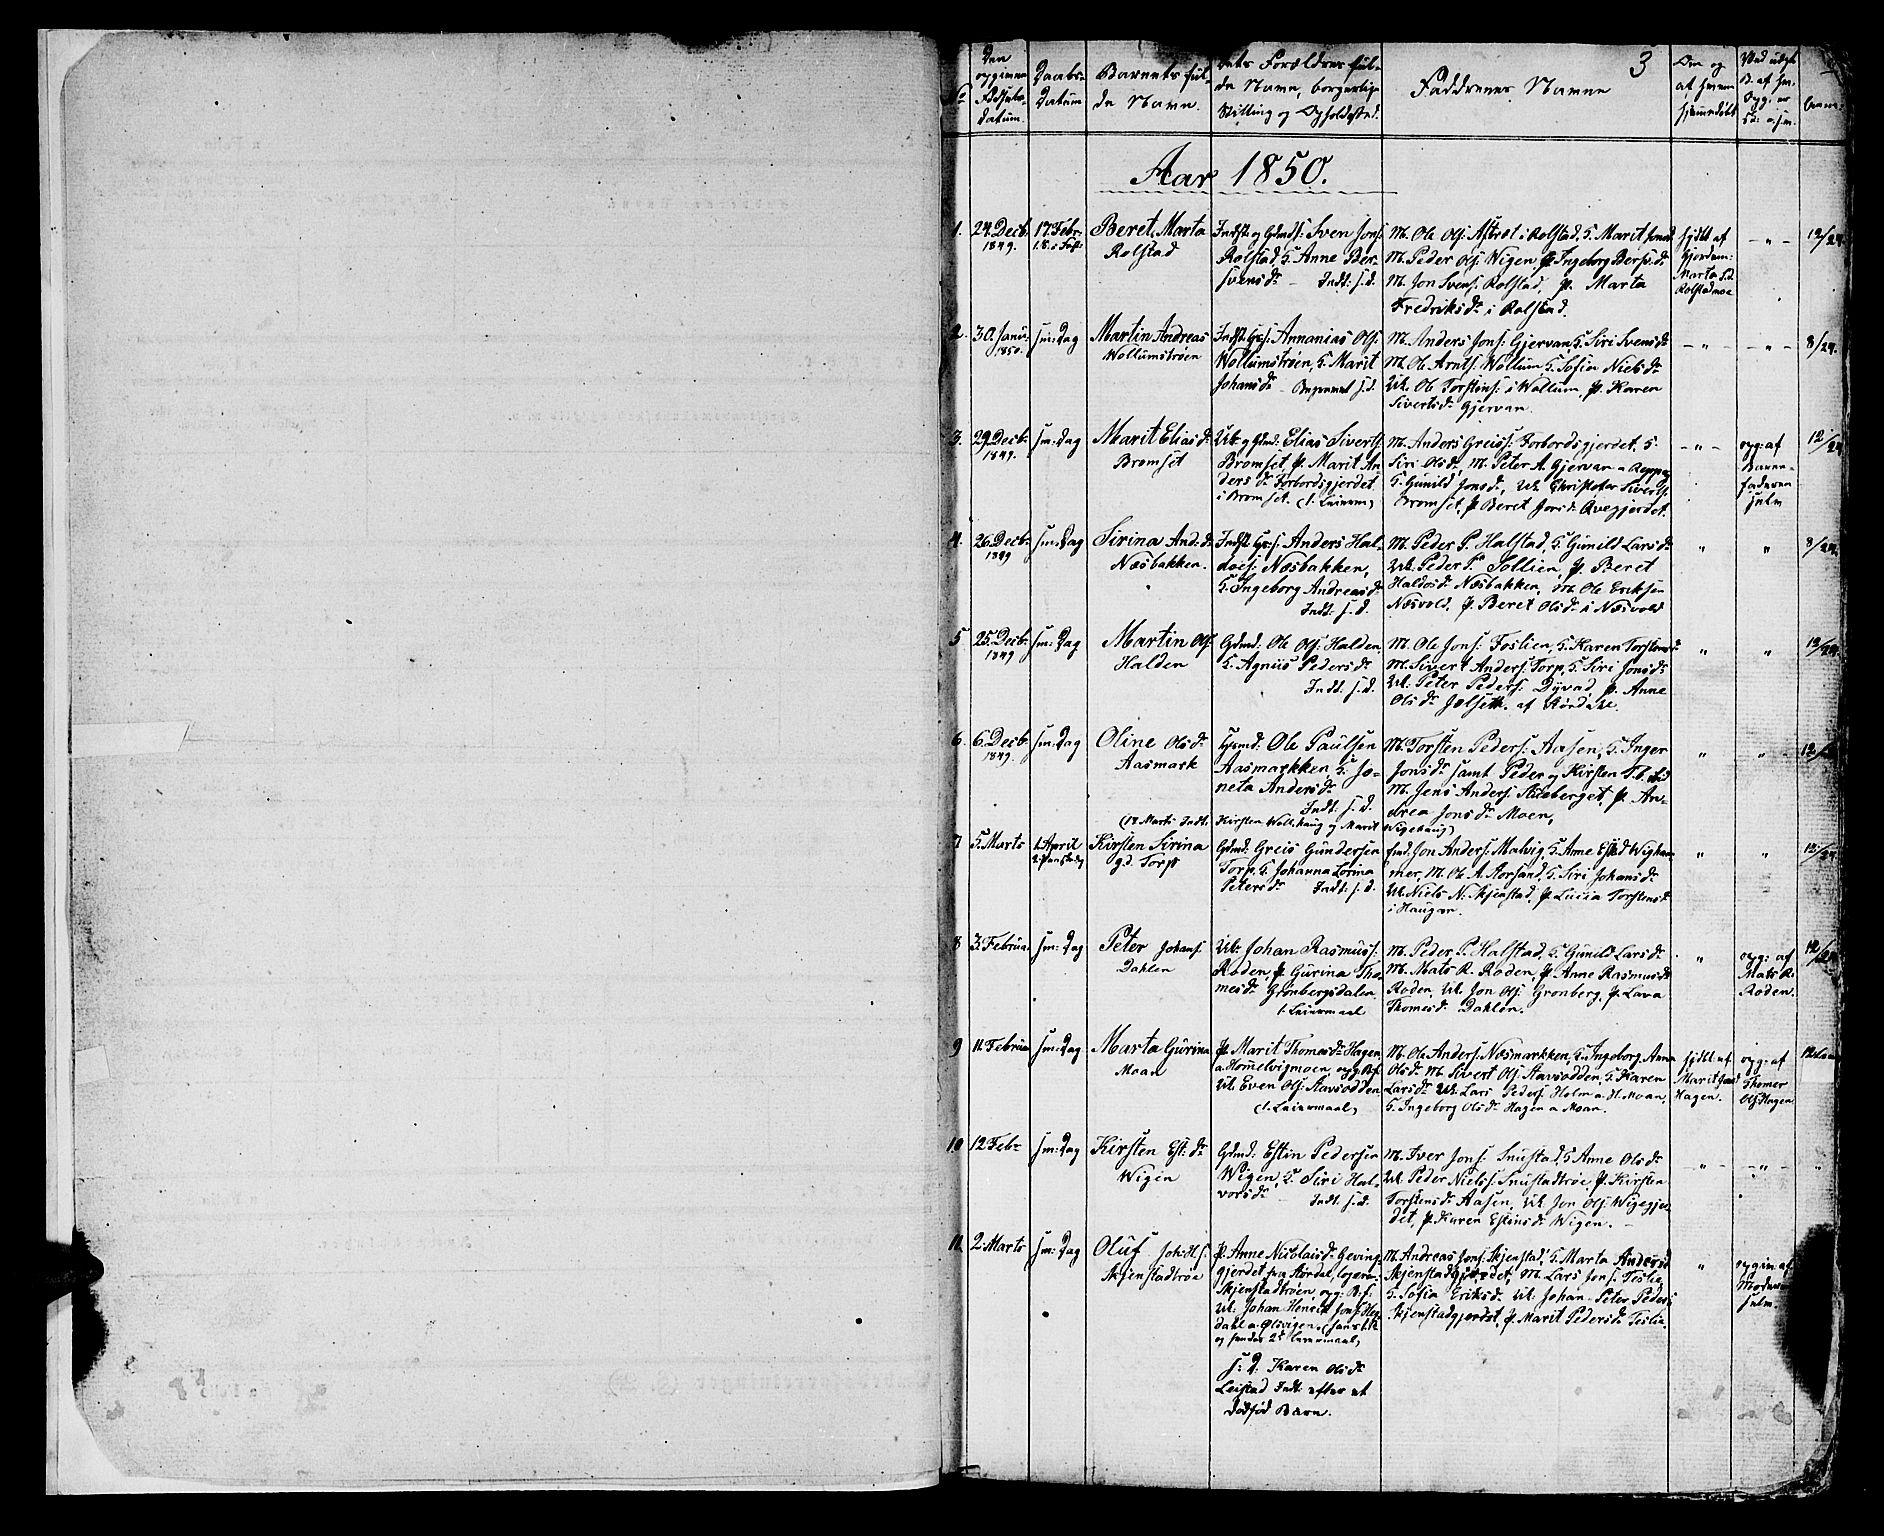 SAT, Ministerialprotokoller, klokkerbøker og fødselsregistre - Sør-Trøndelag, 616/L0422: Klokkerbok nr. 616C05, 1850-1888, s. 1